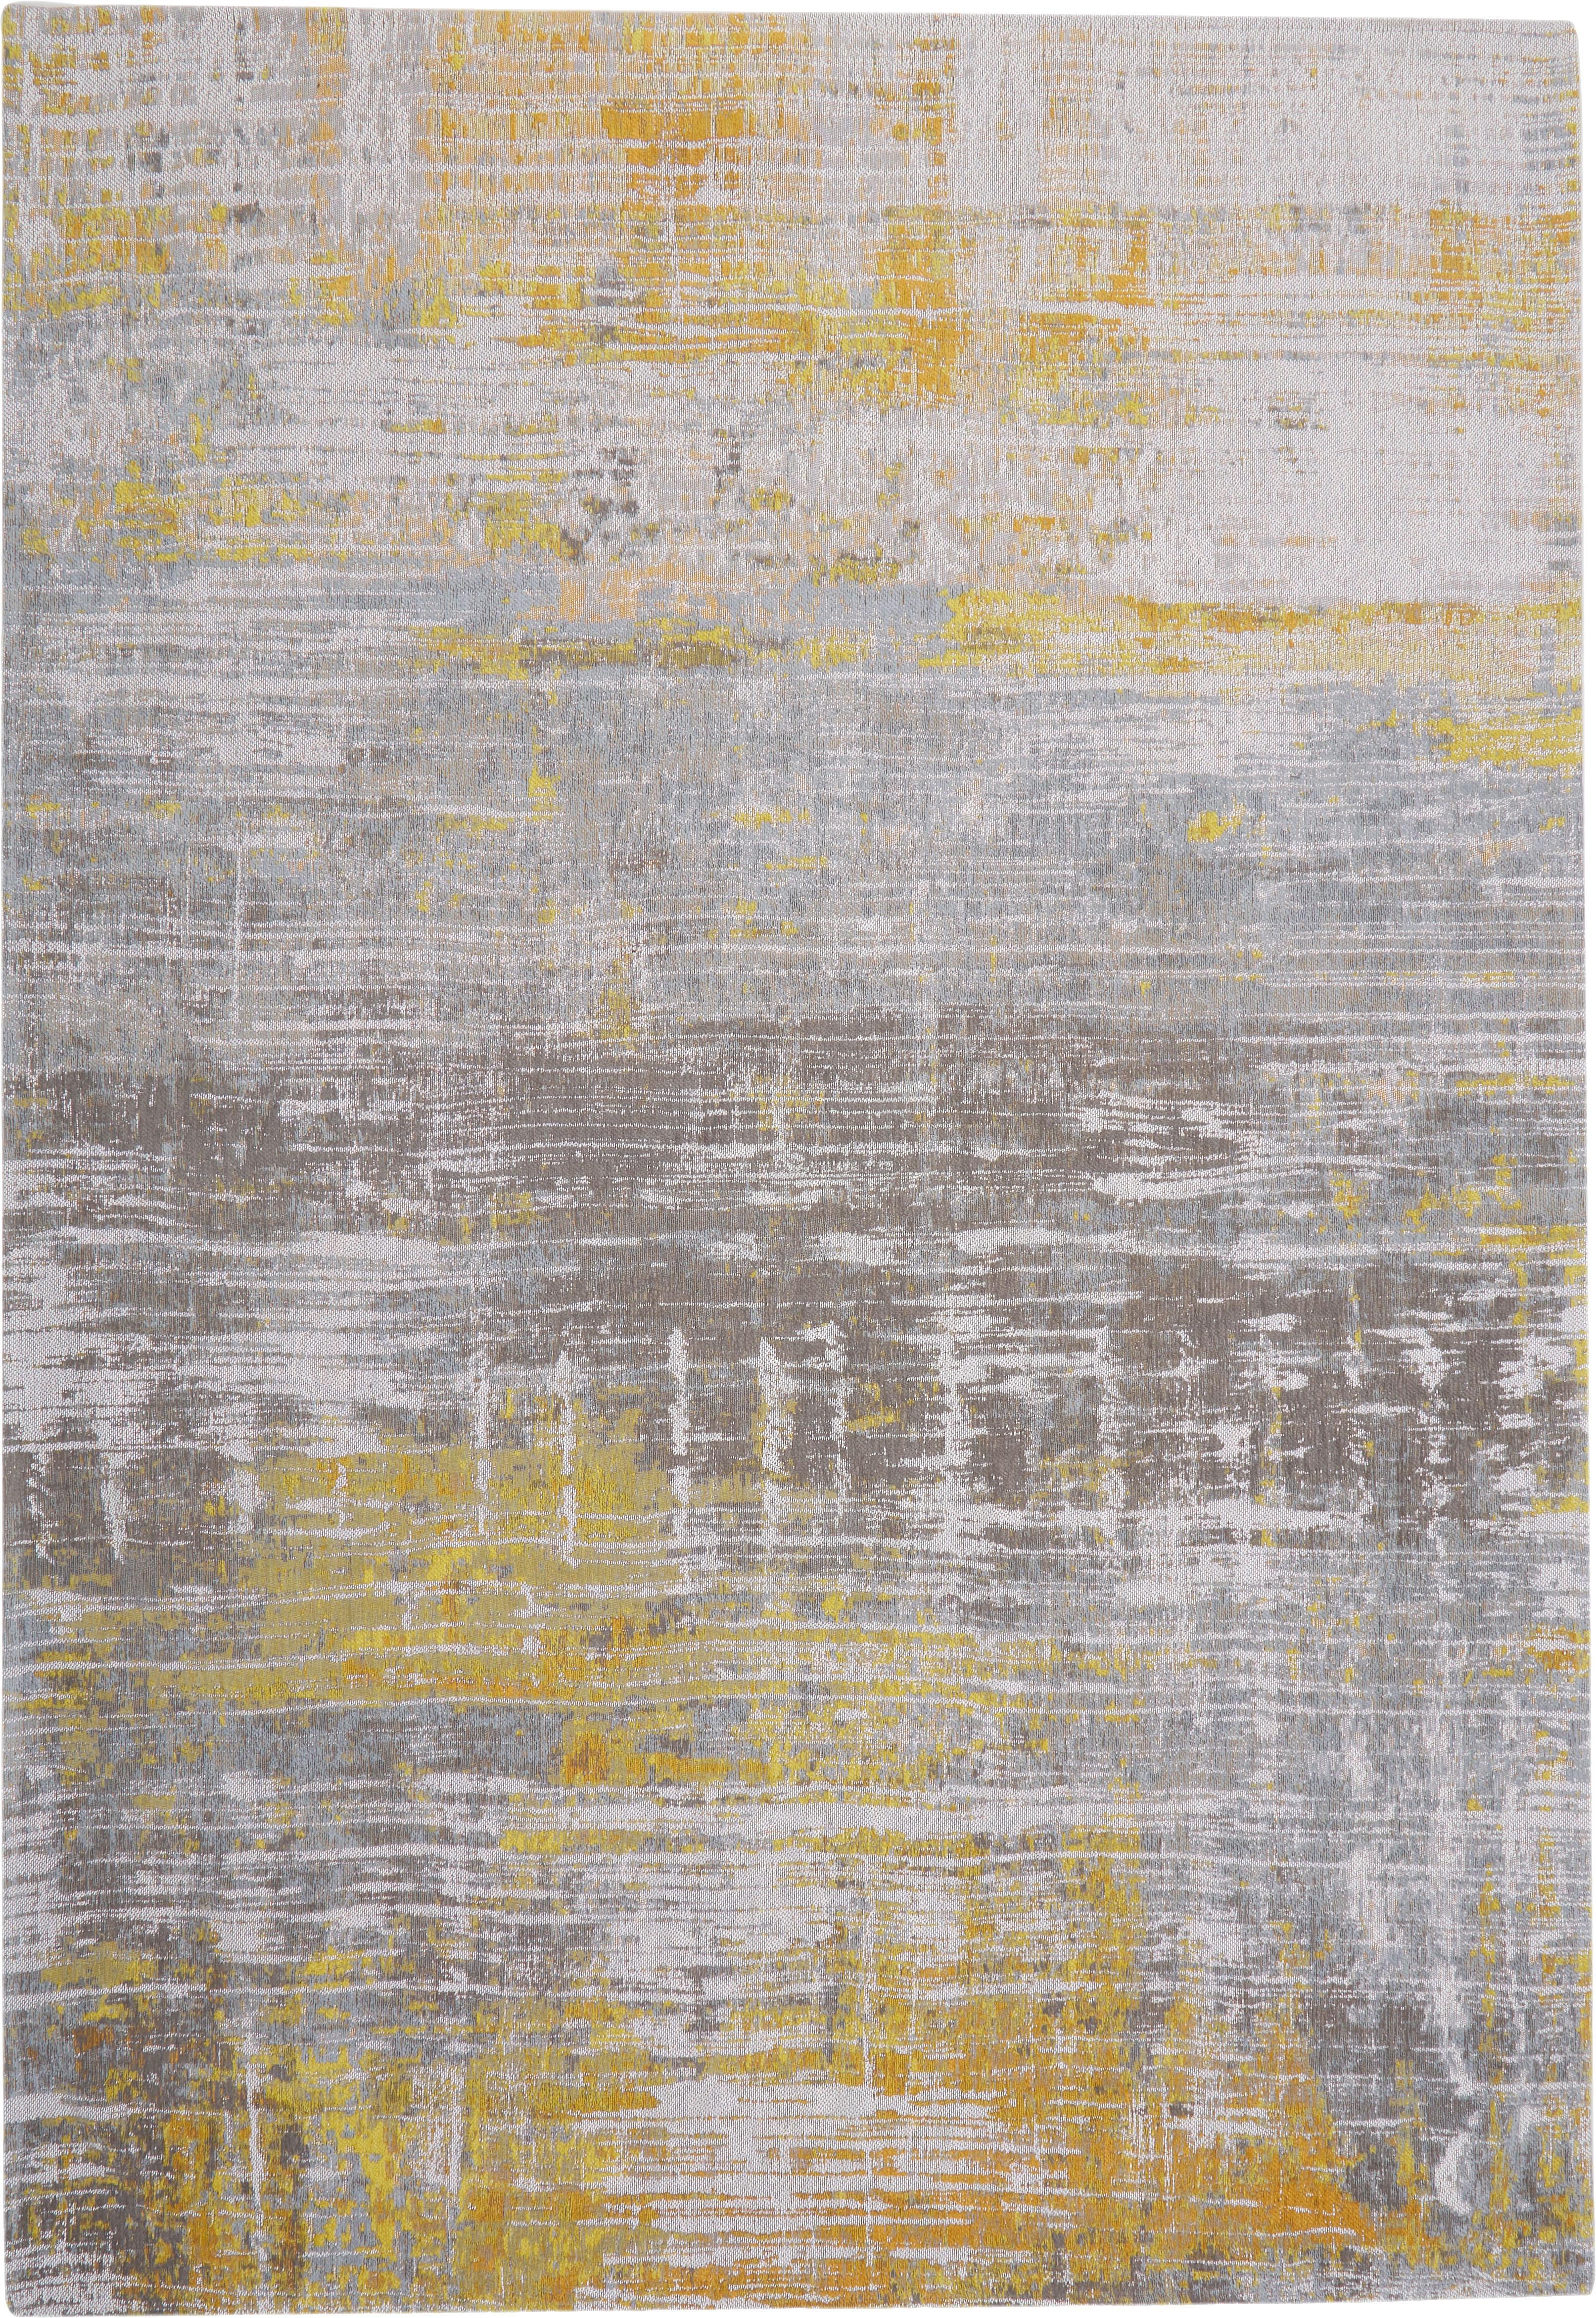 Tappeto di design grigio/giallo Streaks, Tessuto: Jacquard, Retro: Miscela di cotone, rivest, Giallo, grigio, bianco, Larg.170 x Lung. 240 cm  (taglia M)